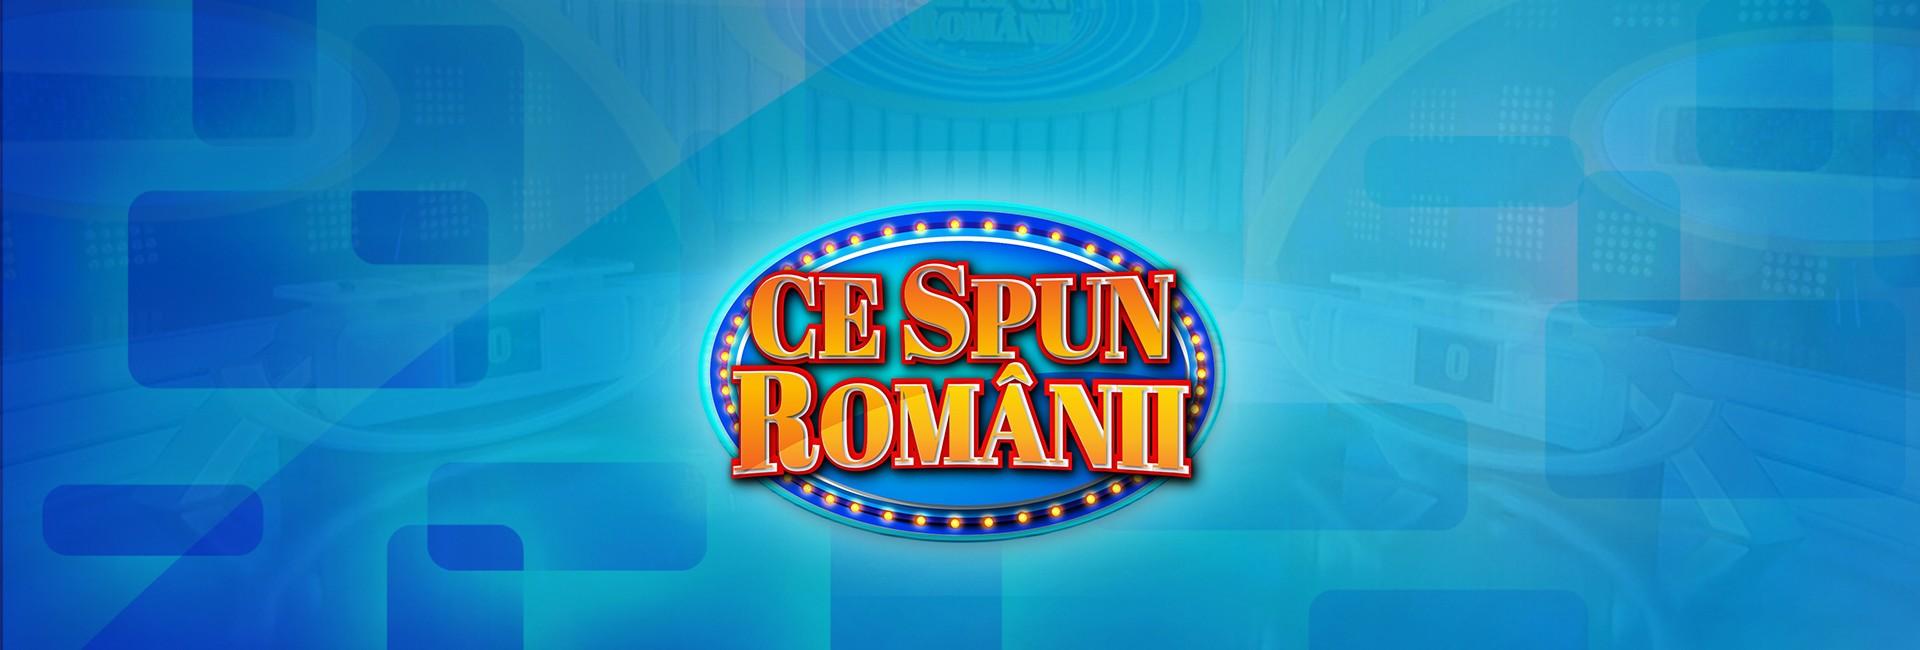 Ce spun românii?